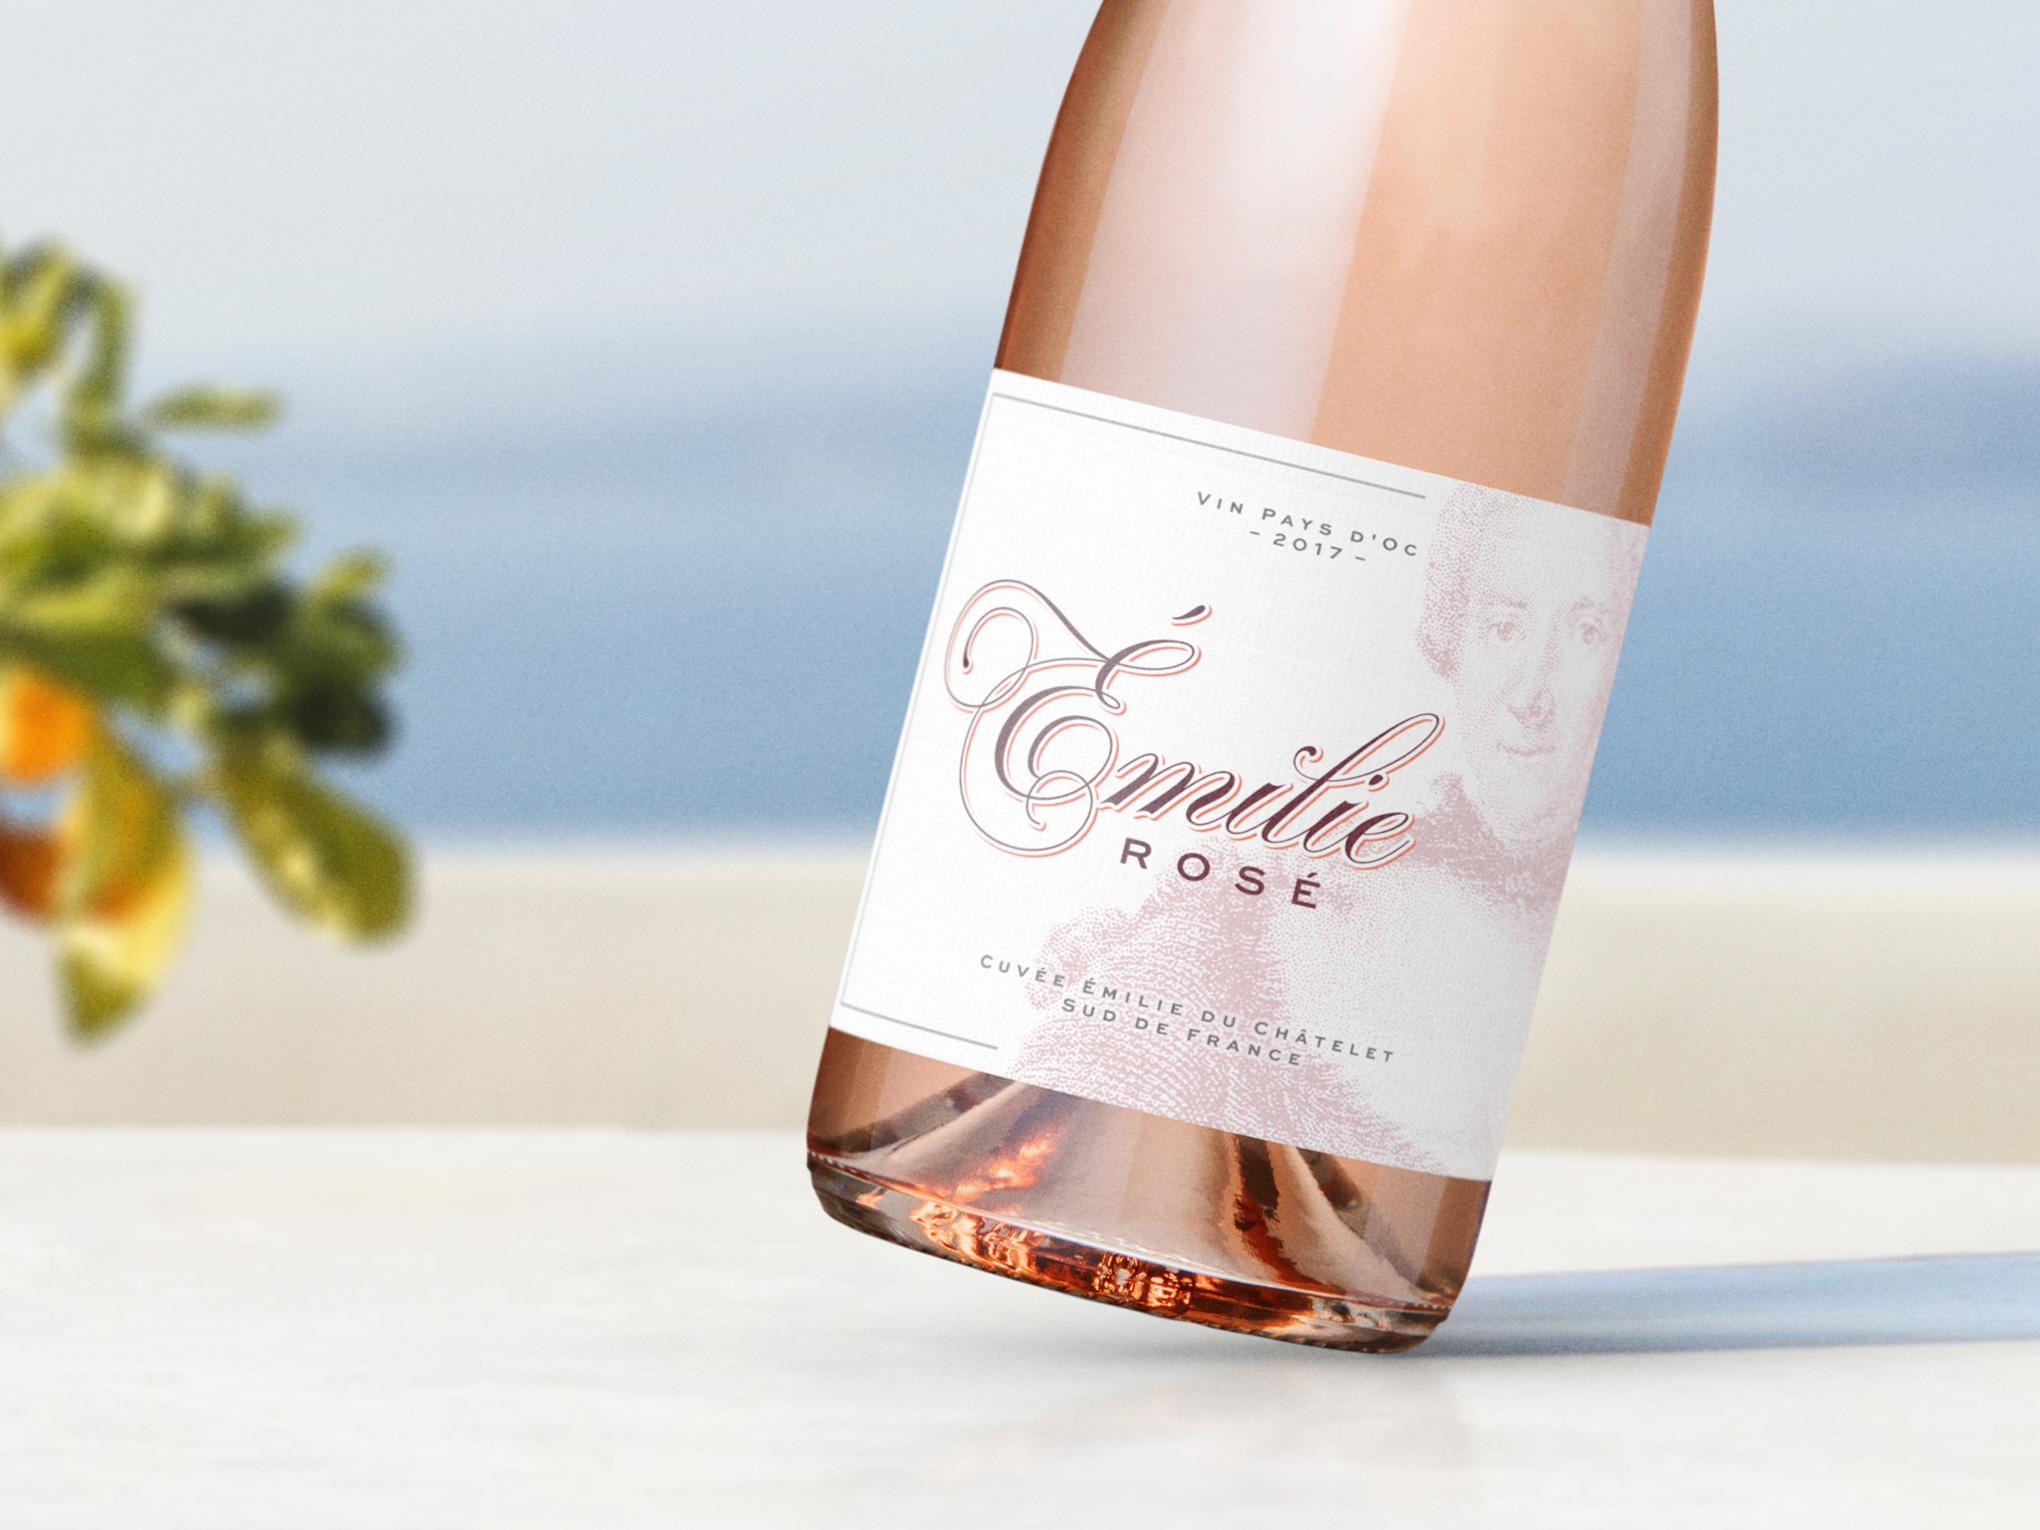 Émilie Rosé Wine Closeup